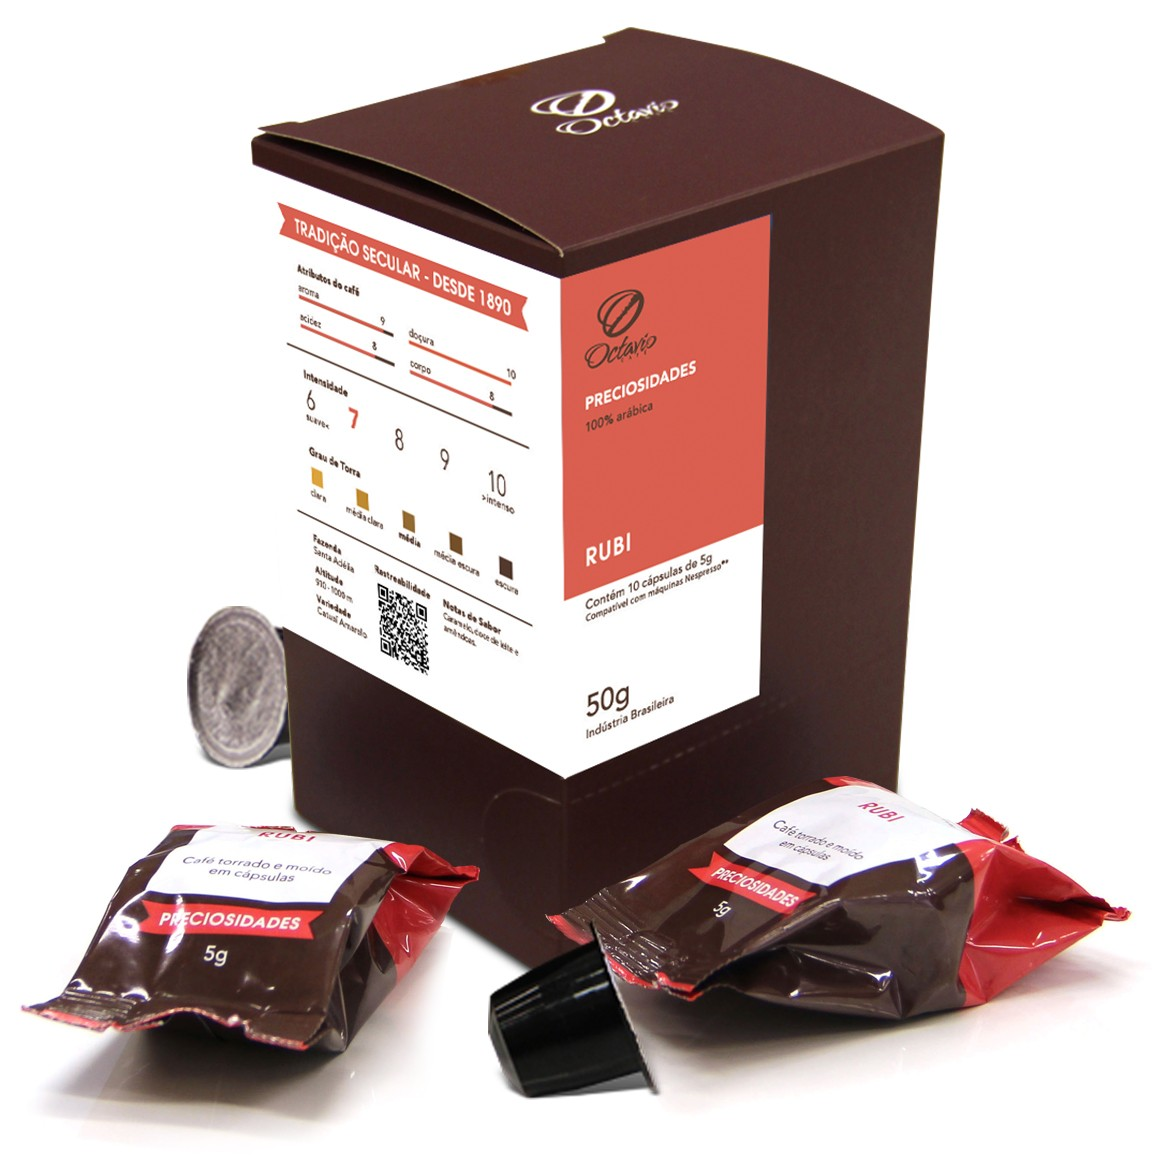 Cápsulas de Café Compatíveis com Nespresso Octavio Café Rubi - 10un